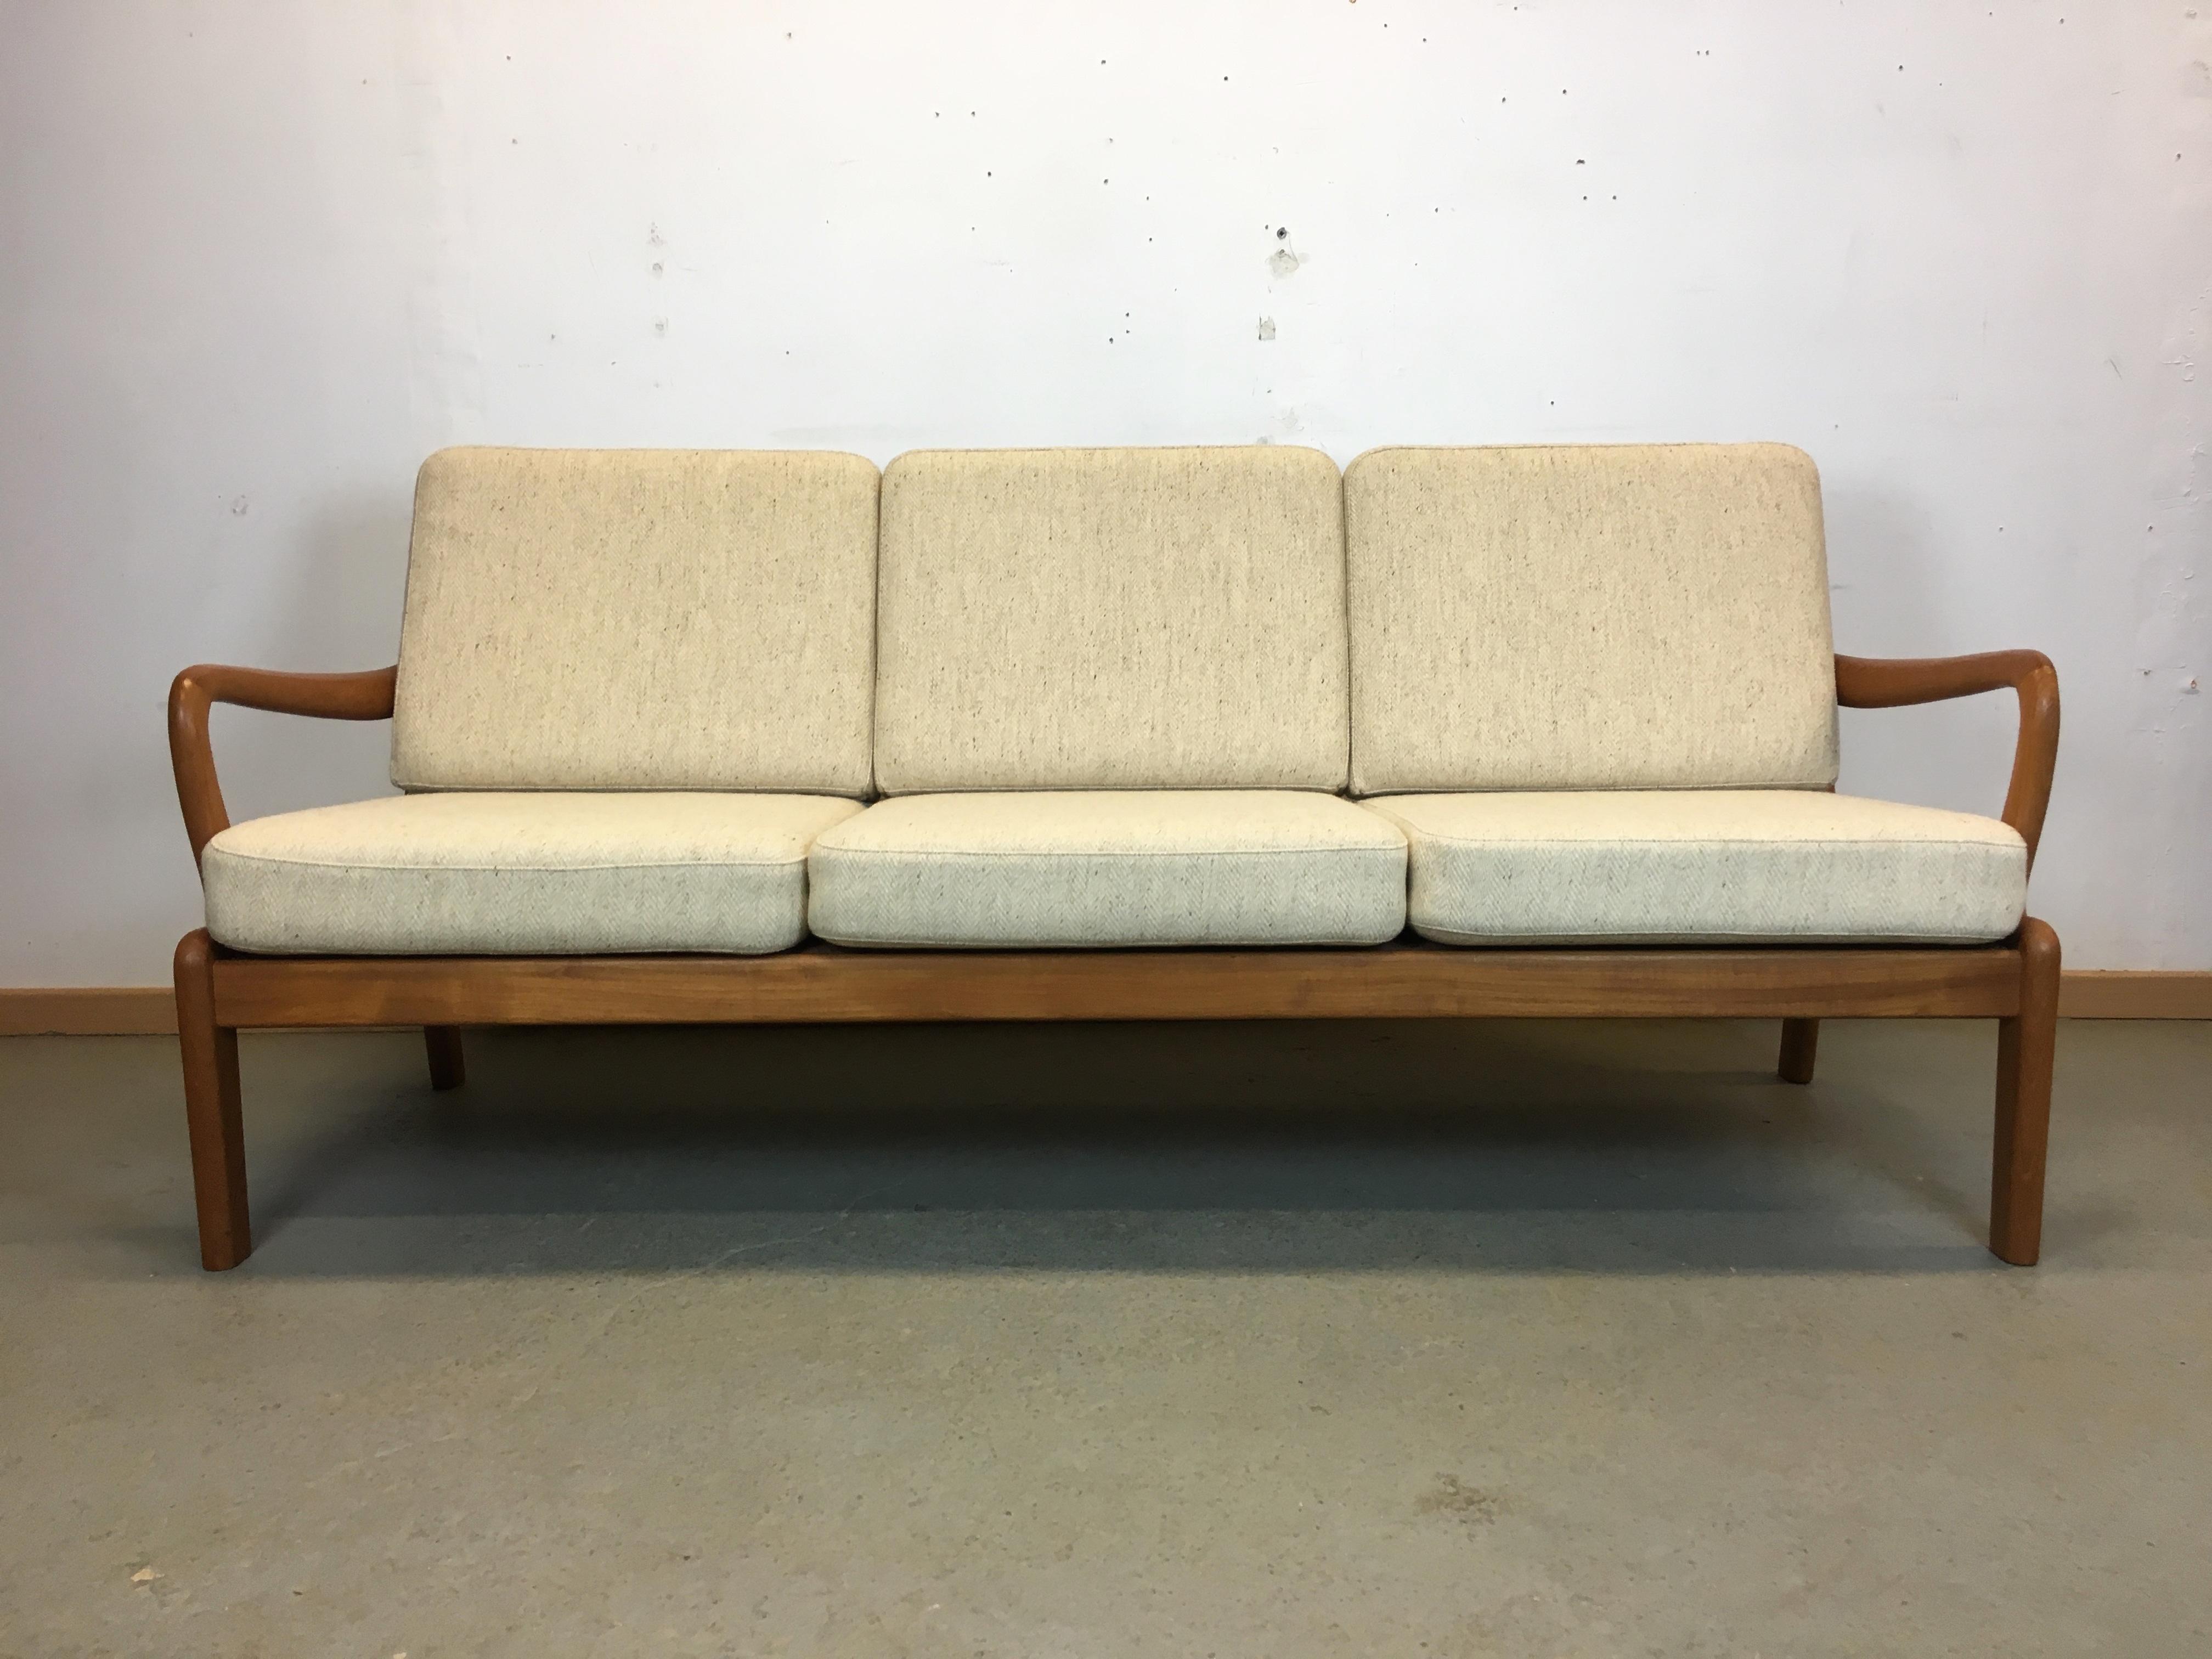 Canapé scandinave Année 70 vintage sofa Danish 70\'s |